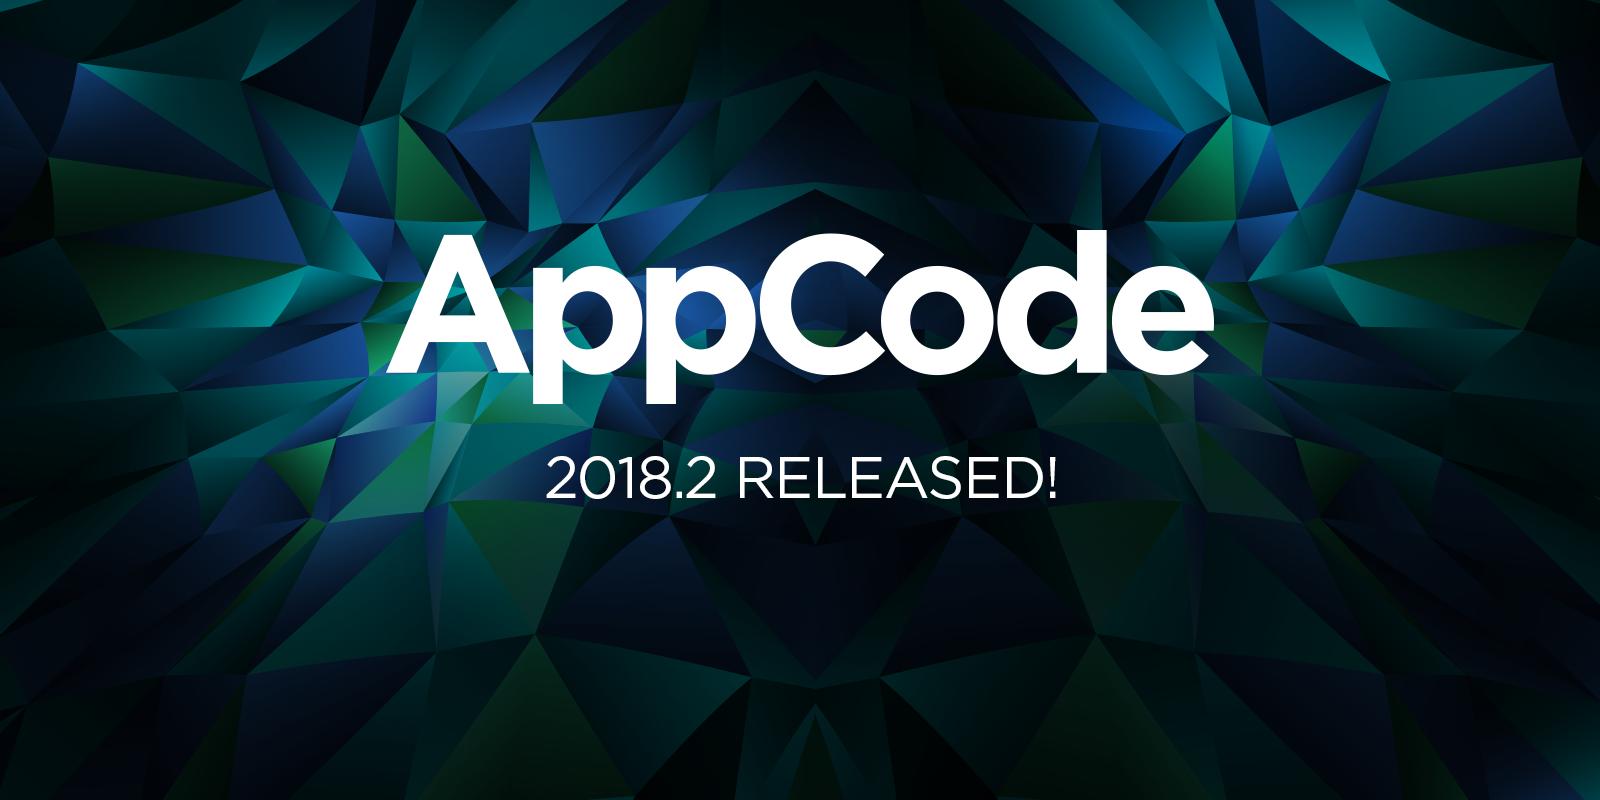 AppCode 2018.2